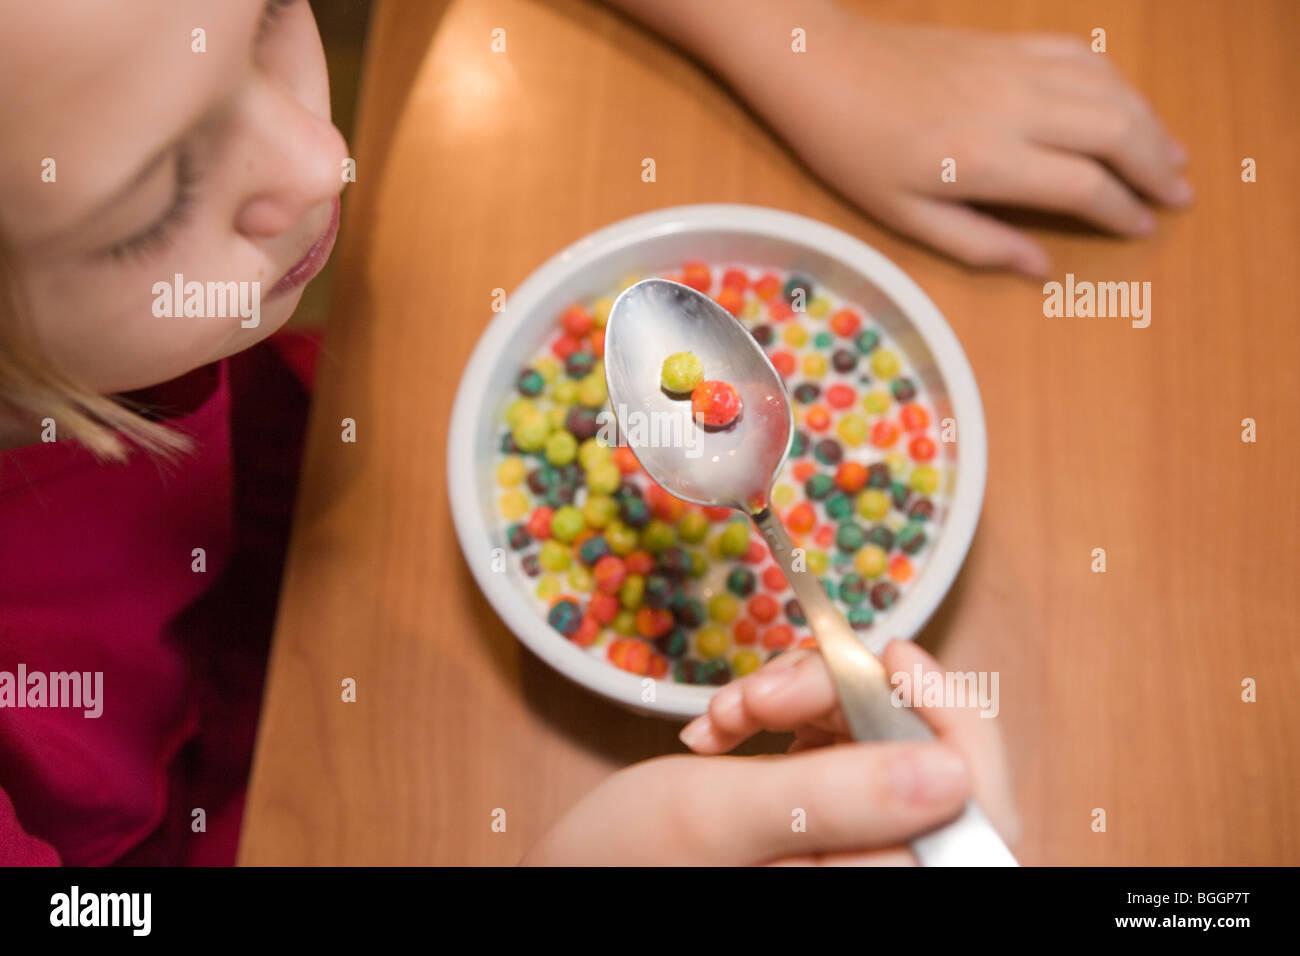 zehn Jahre altes Mädchen Zucker Getreide zu Hause essen erhöhte Ansicht Stockfoto